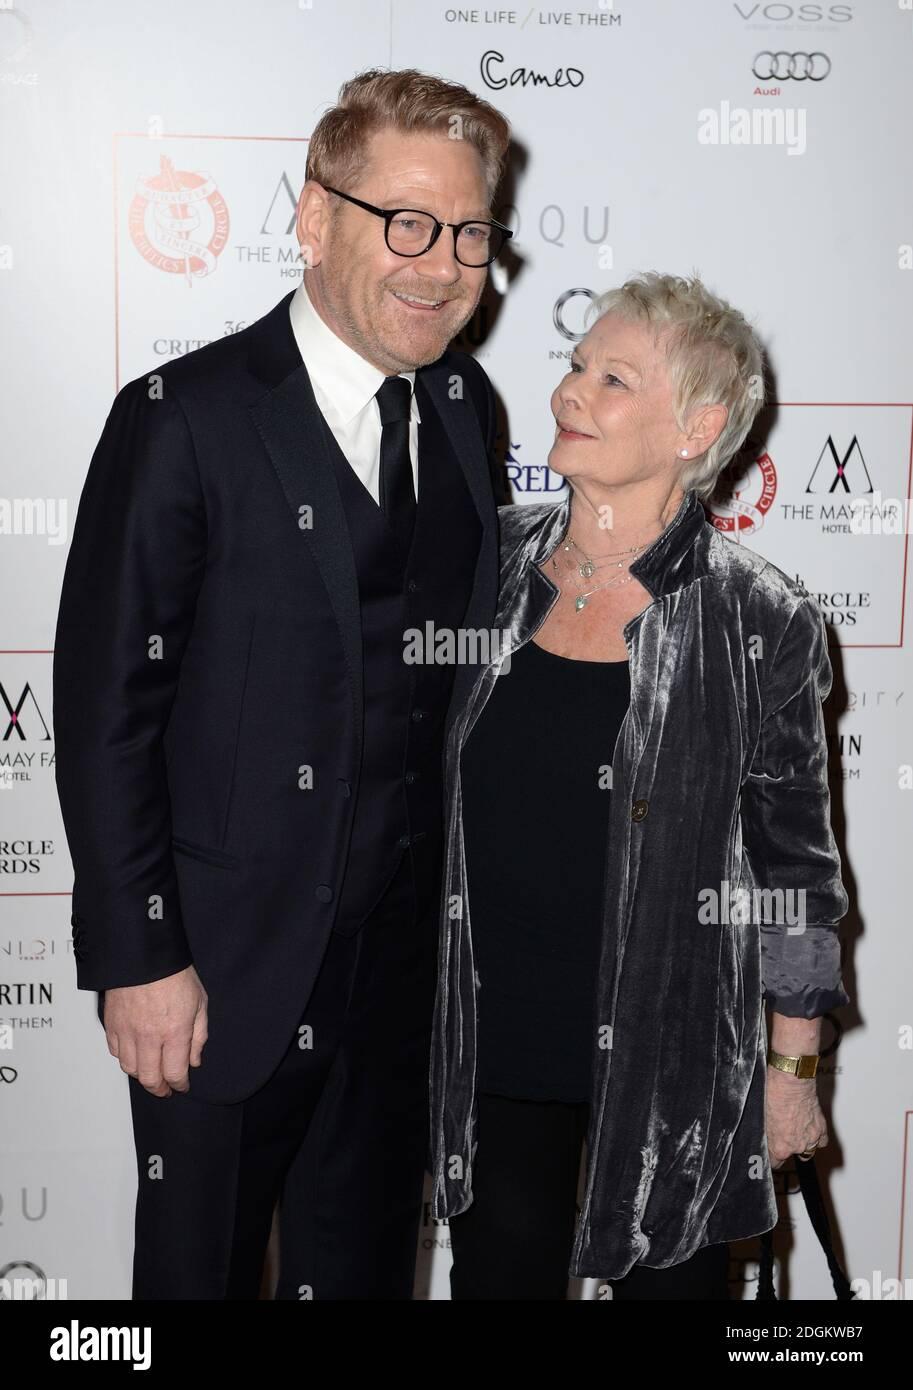 Kenneth Branagh y Dame Judi Dench llegan a los Premios de Cine Círculo de críticos 2016, The May Fair Hotel, Londres. Foto de stock